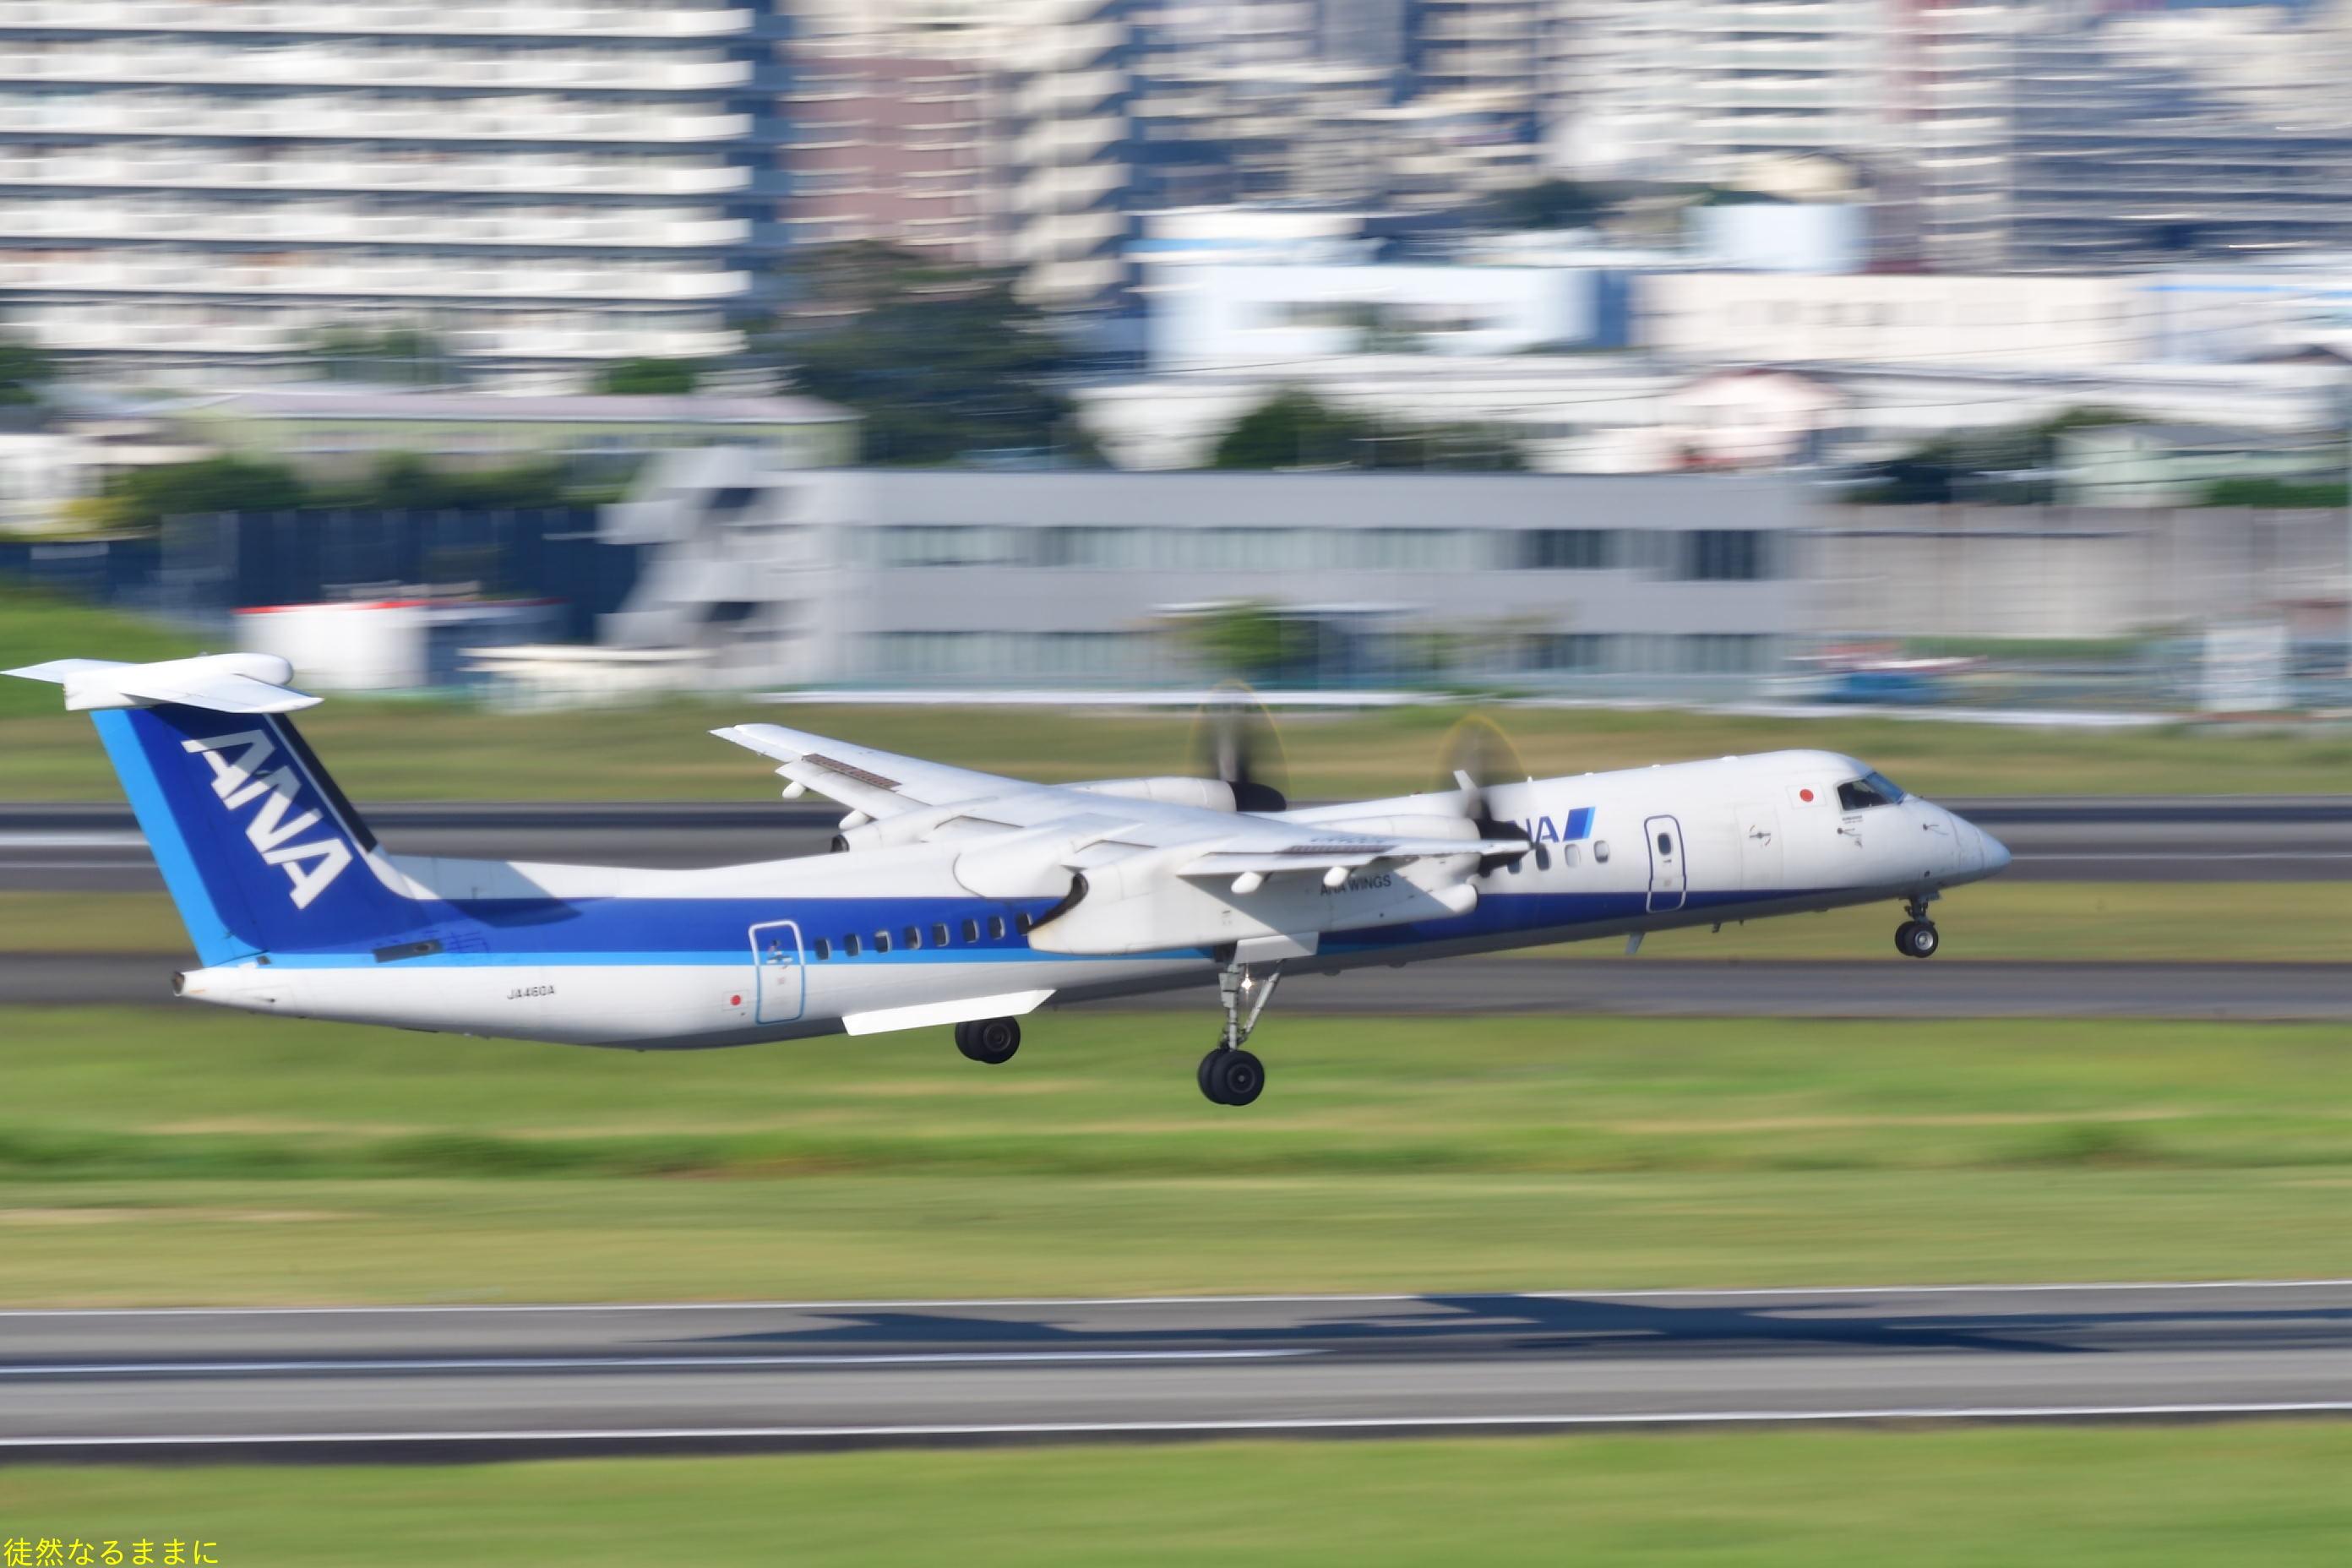 伊丹空港_d0285540_06411166.jpg